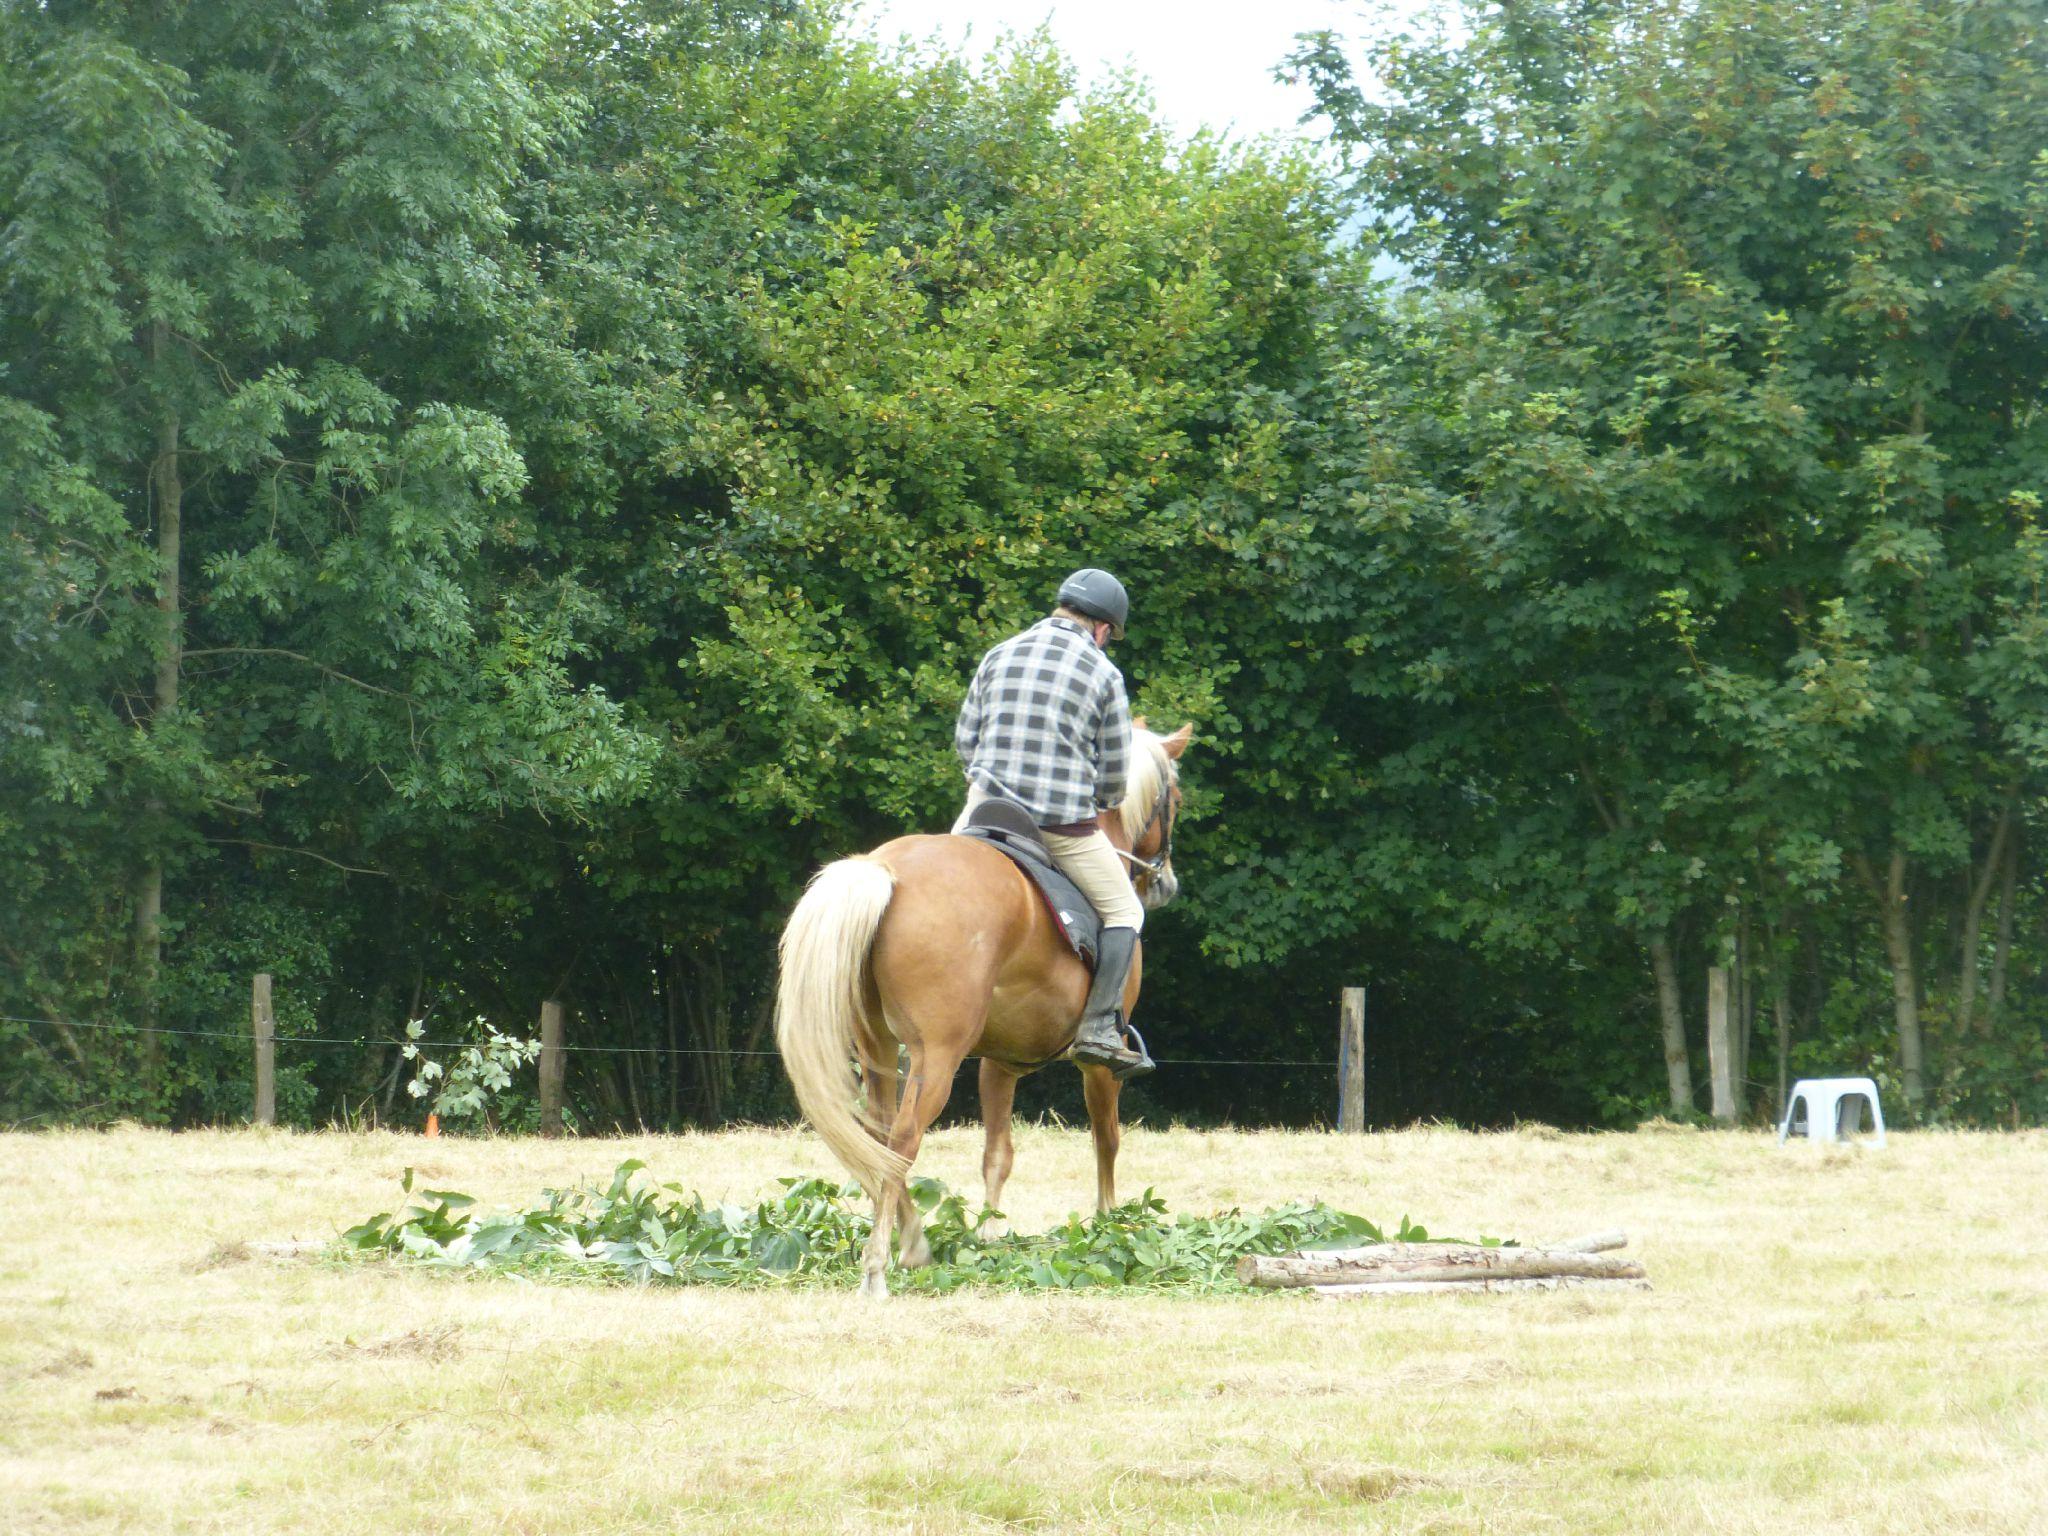 Jeux équestres manchots - parcours de pleine nature après-midi (245)